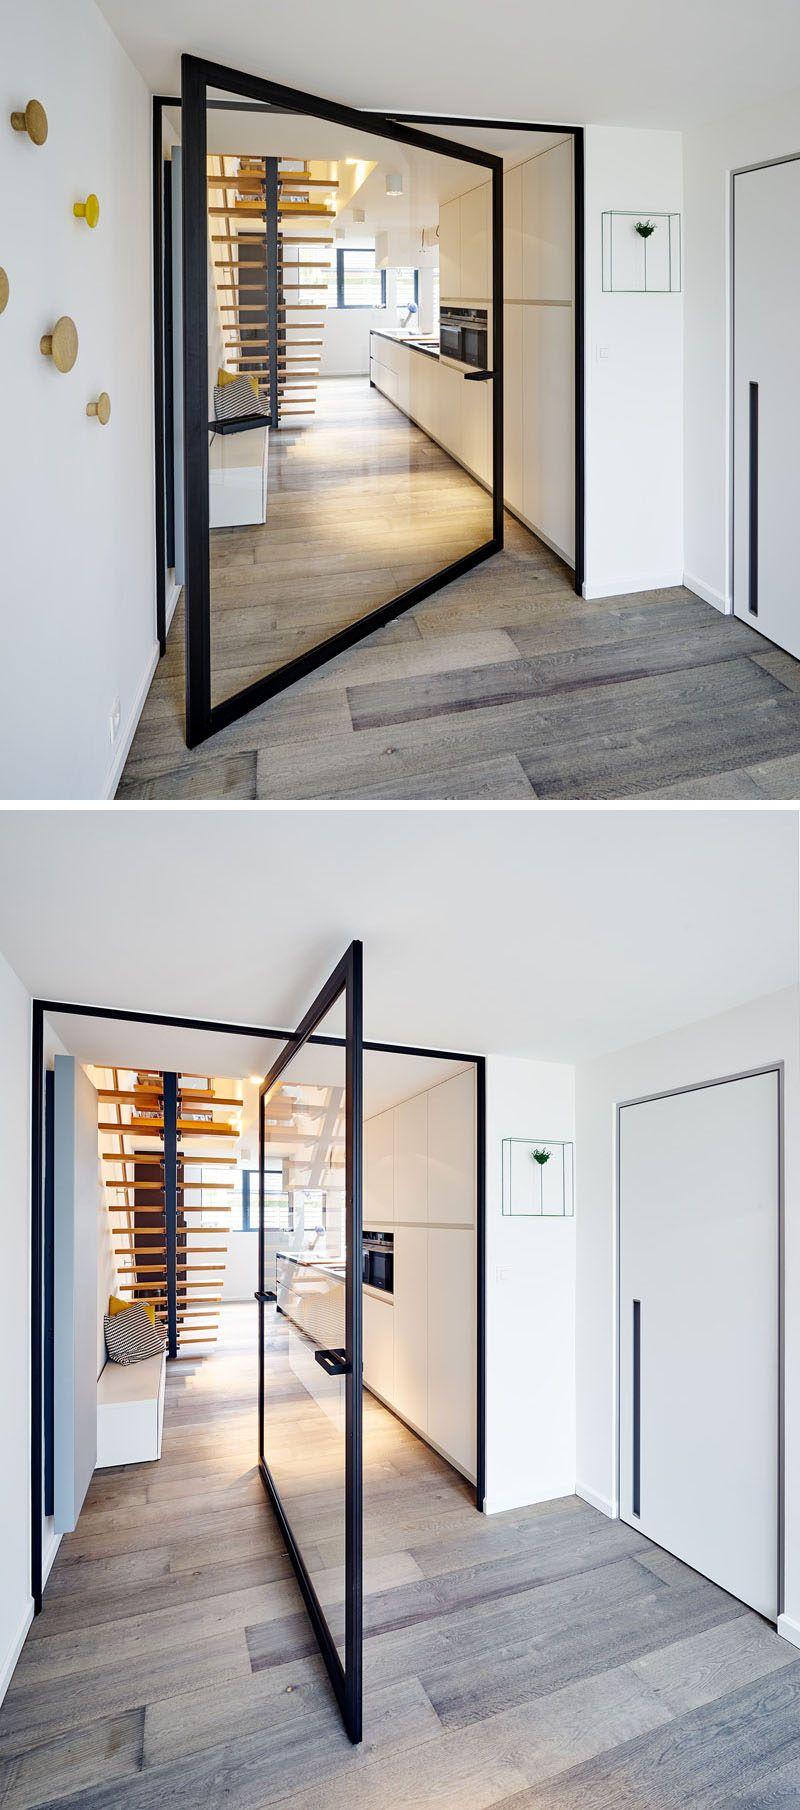 treppen sind holzfarbig der boden ist laminatt aber grau t ren pinterest haus t ren. Black Bedroom Furniture Sets. Home Design Ideas